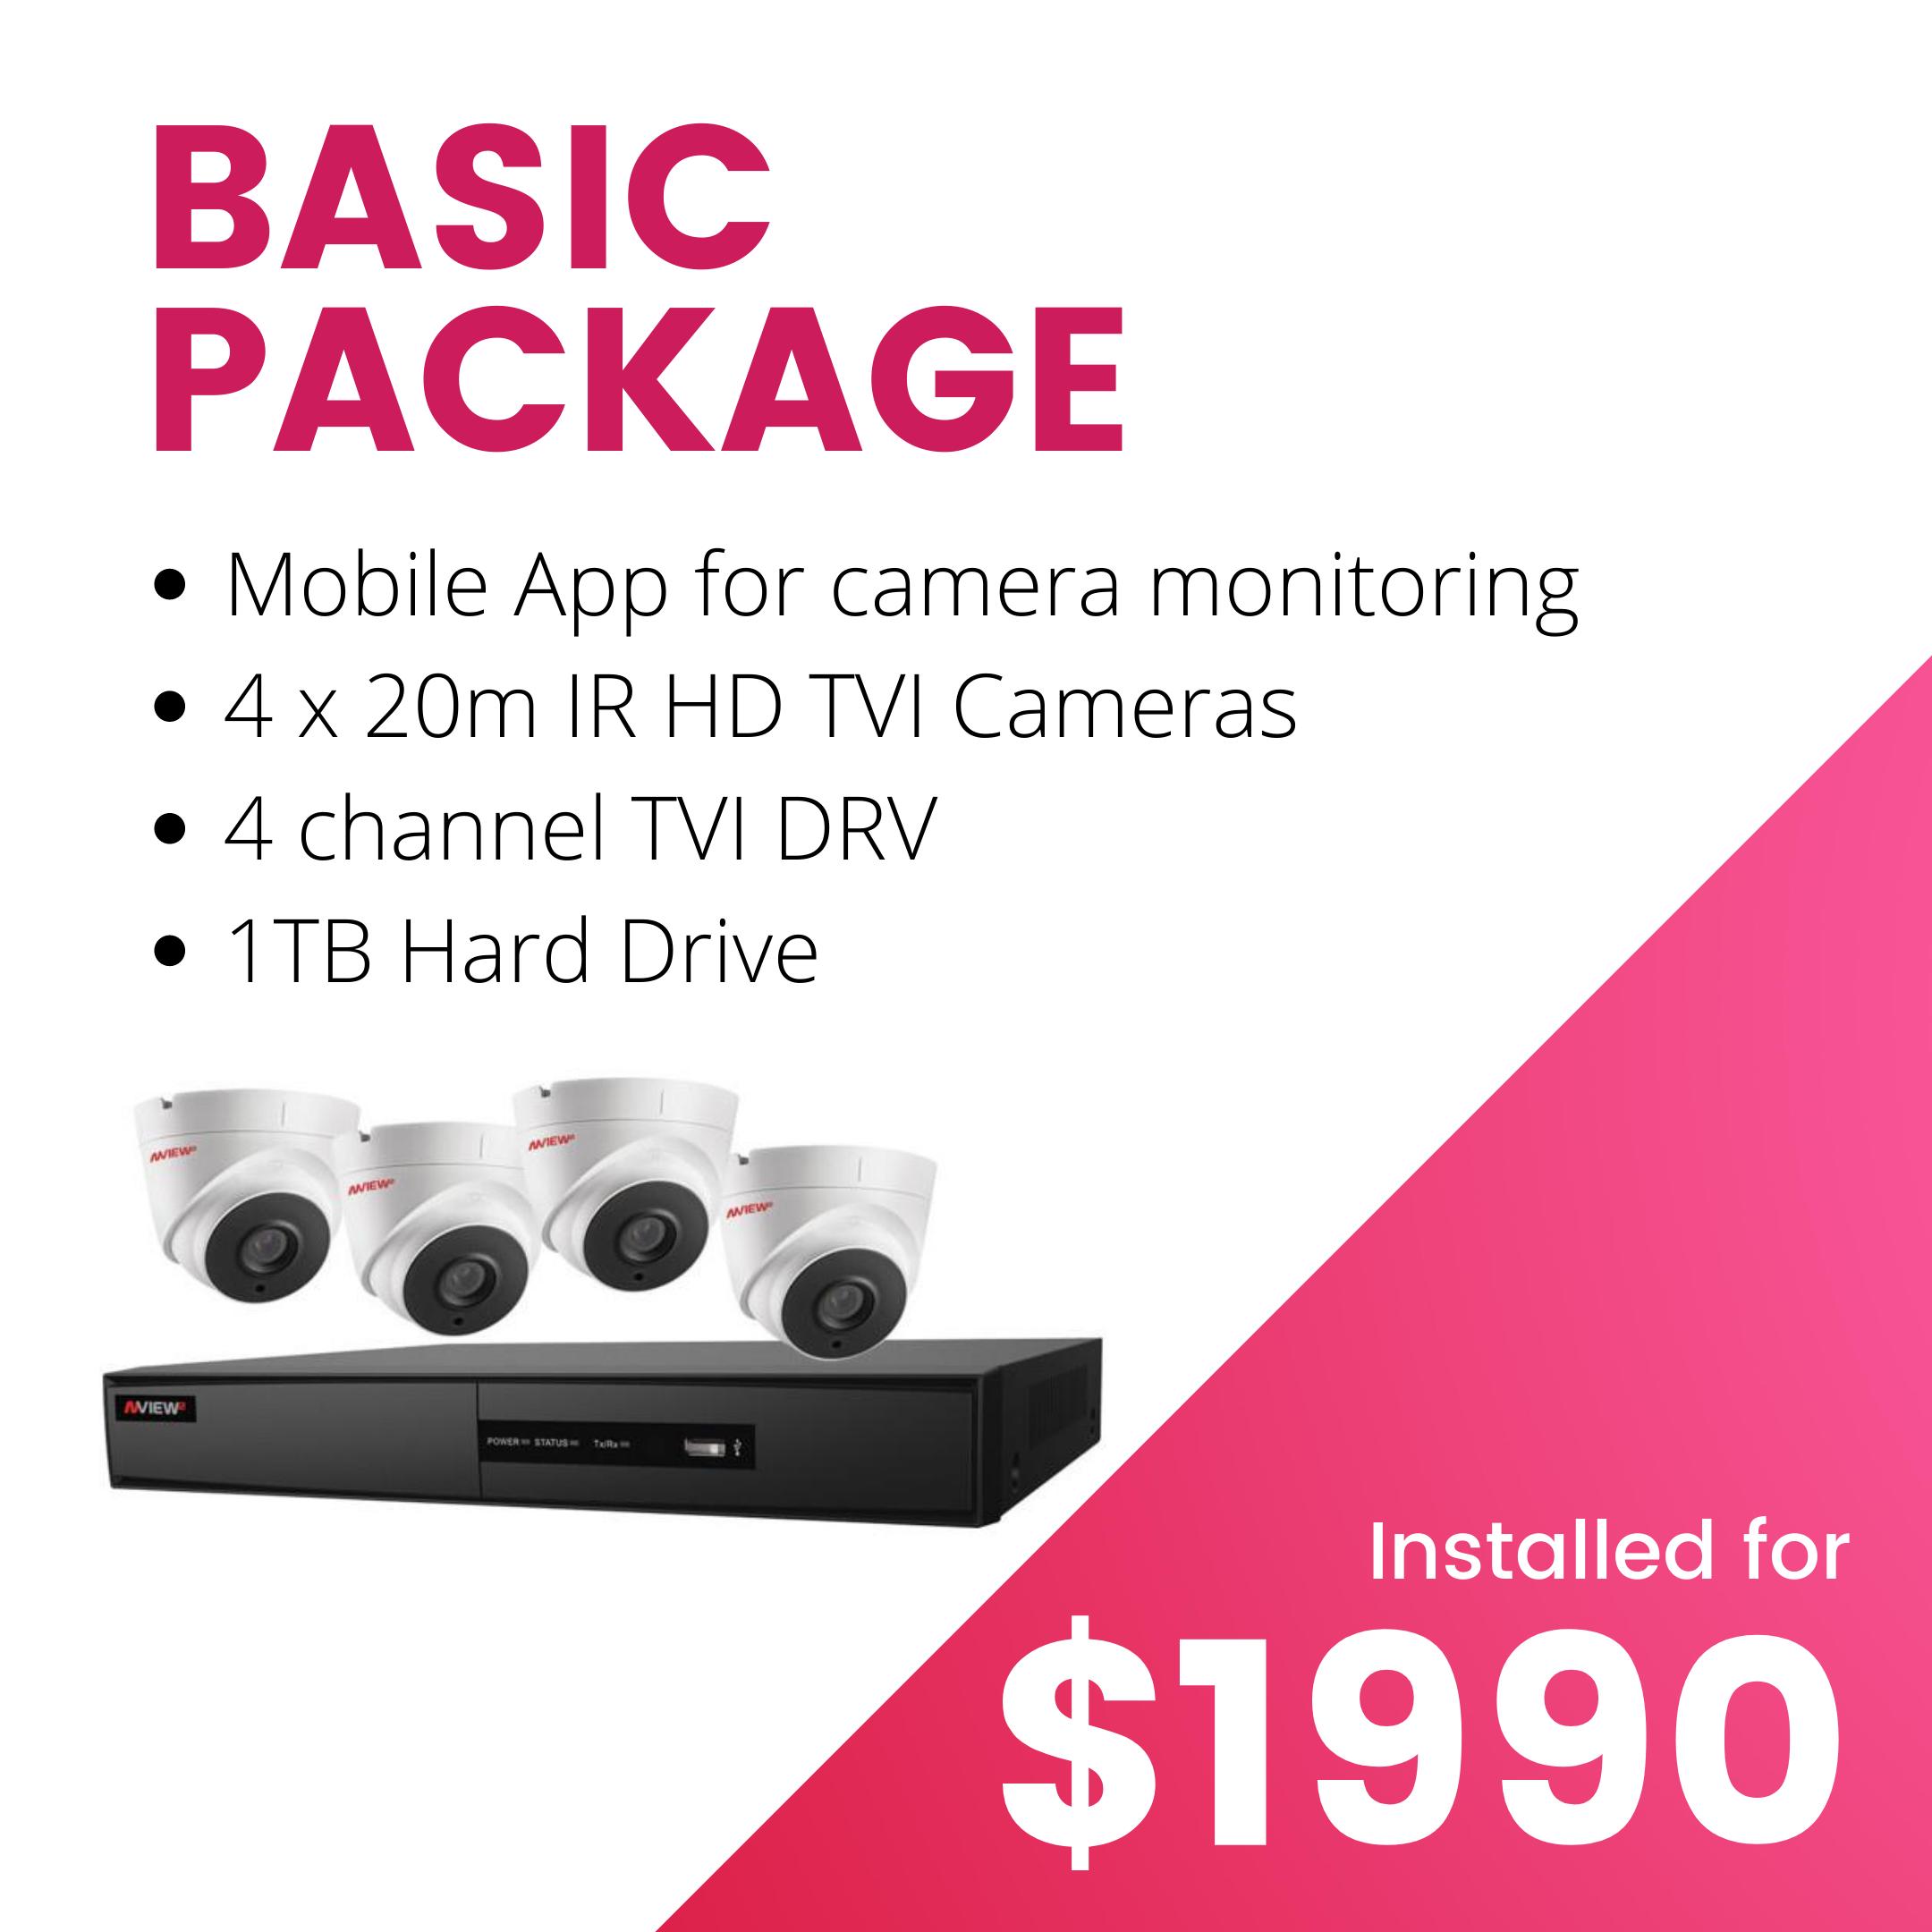 Ryve Camera Basic Package